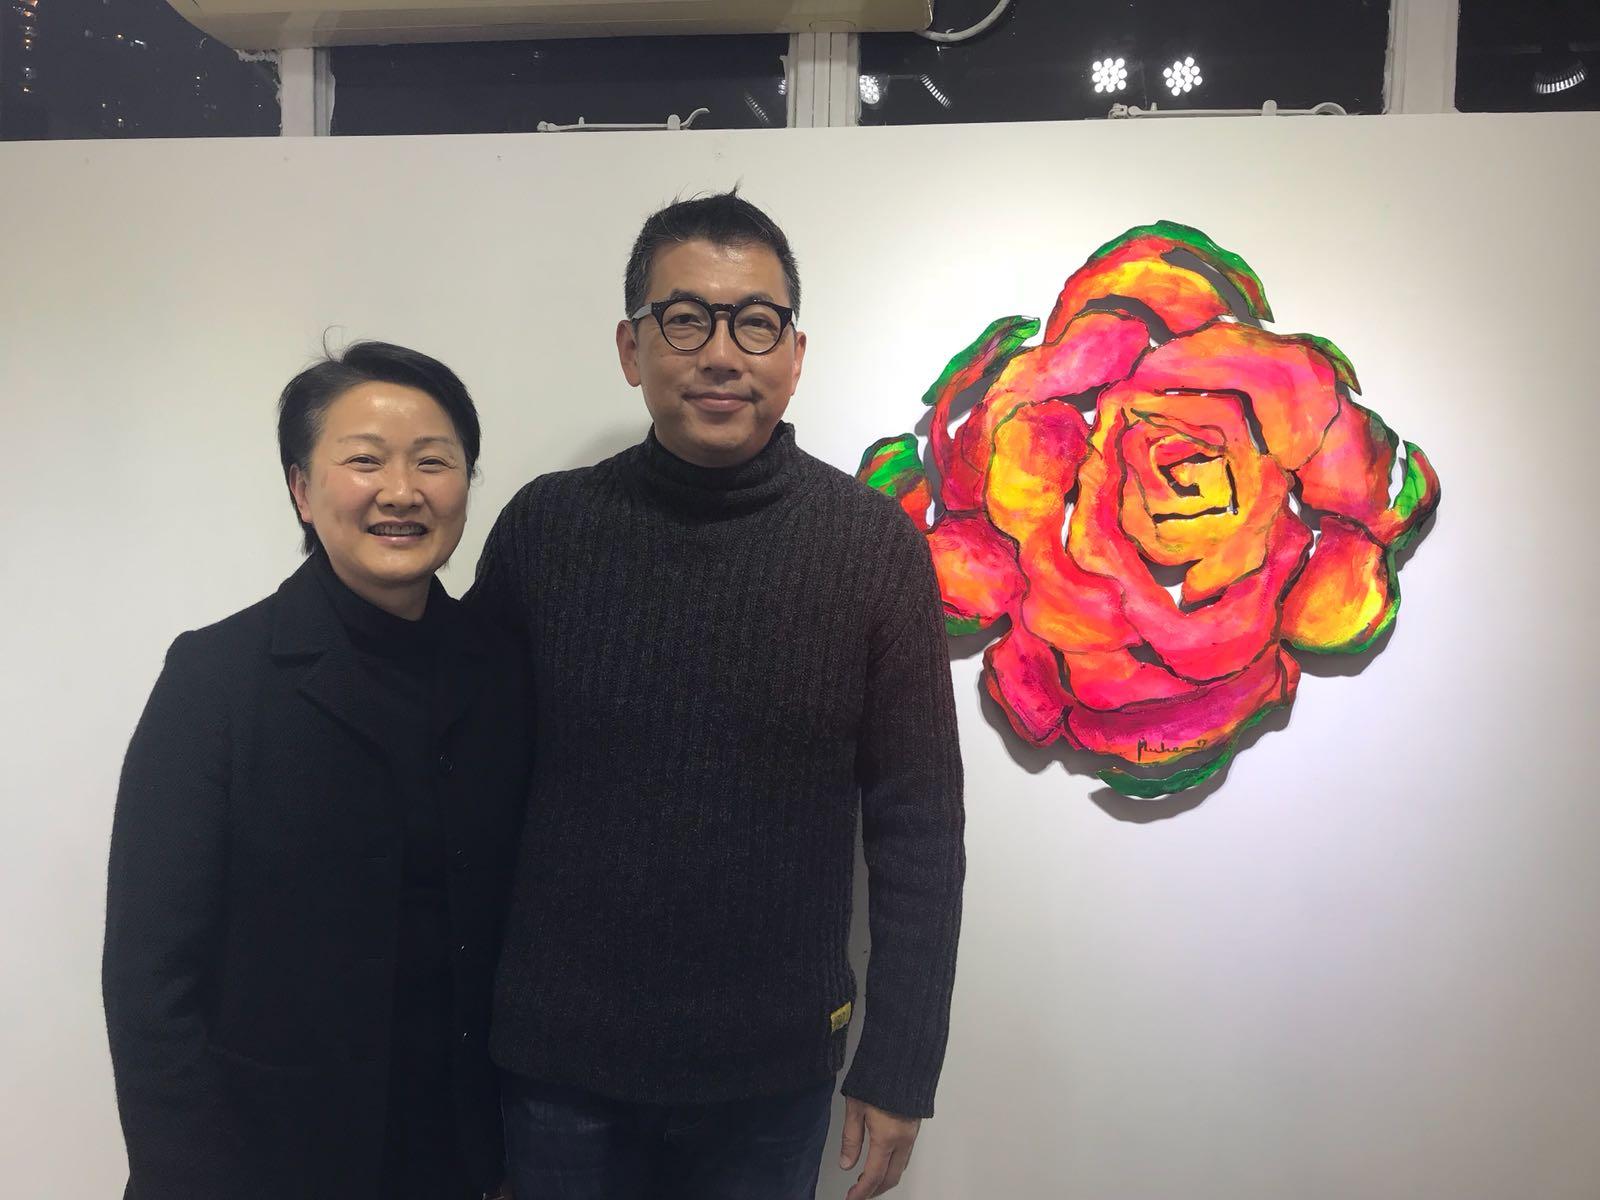 06ef6684 07b3 43ee 903f 25eacd2963d4 Solo Exhibition Hong Kong Galería Koo.